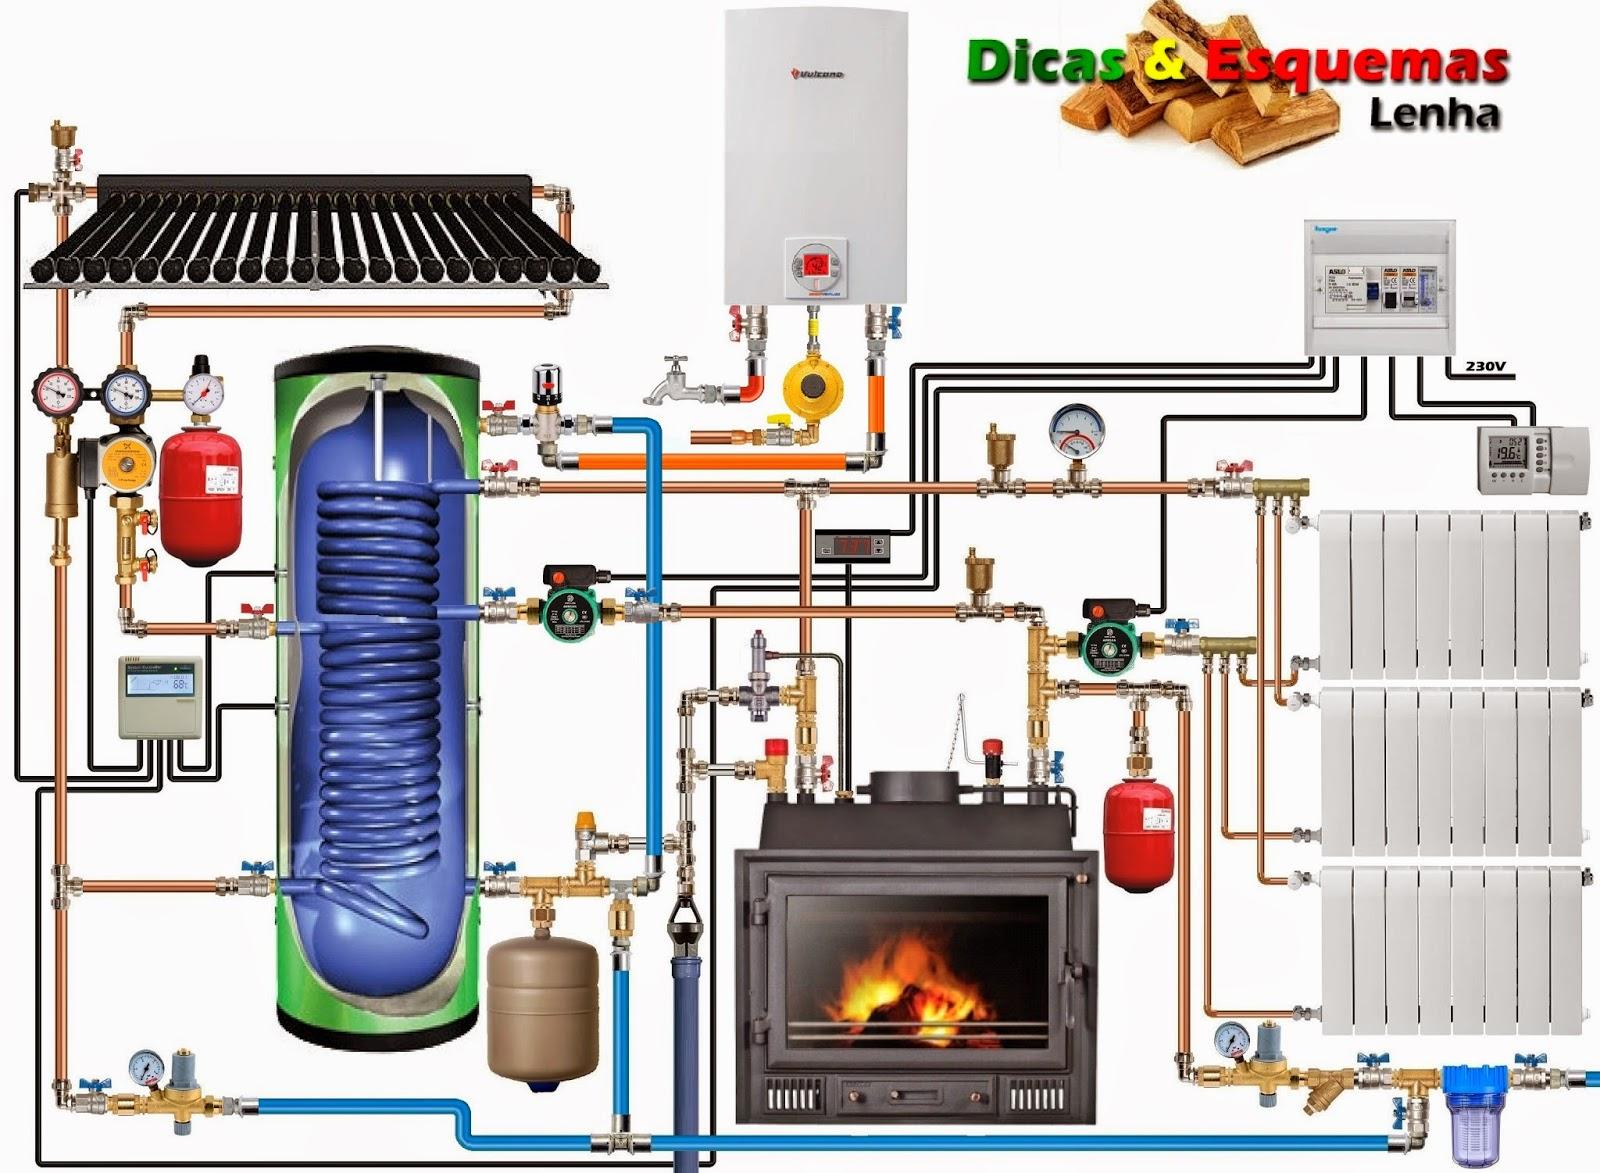 Dicas esquemas recuperador de calor a lenha capitulo - Radiadores para gas natural ...